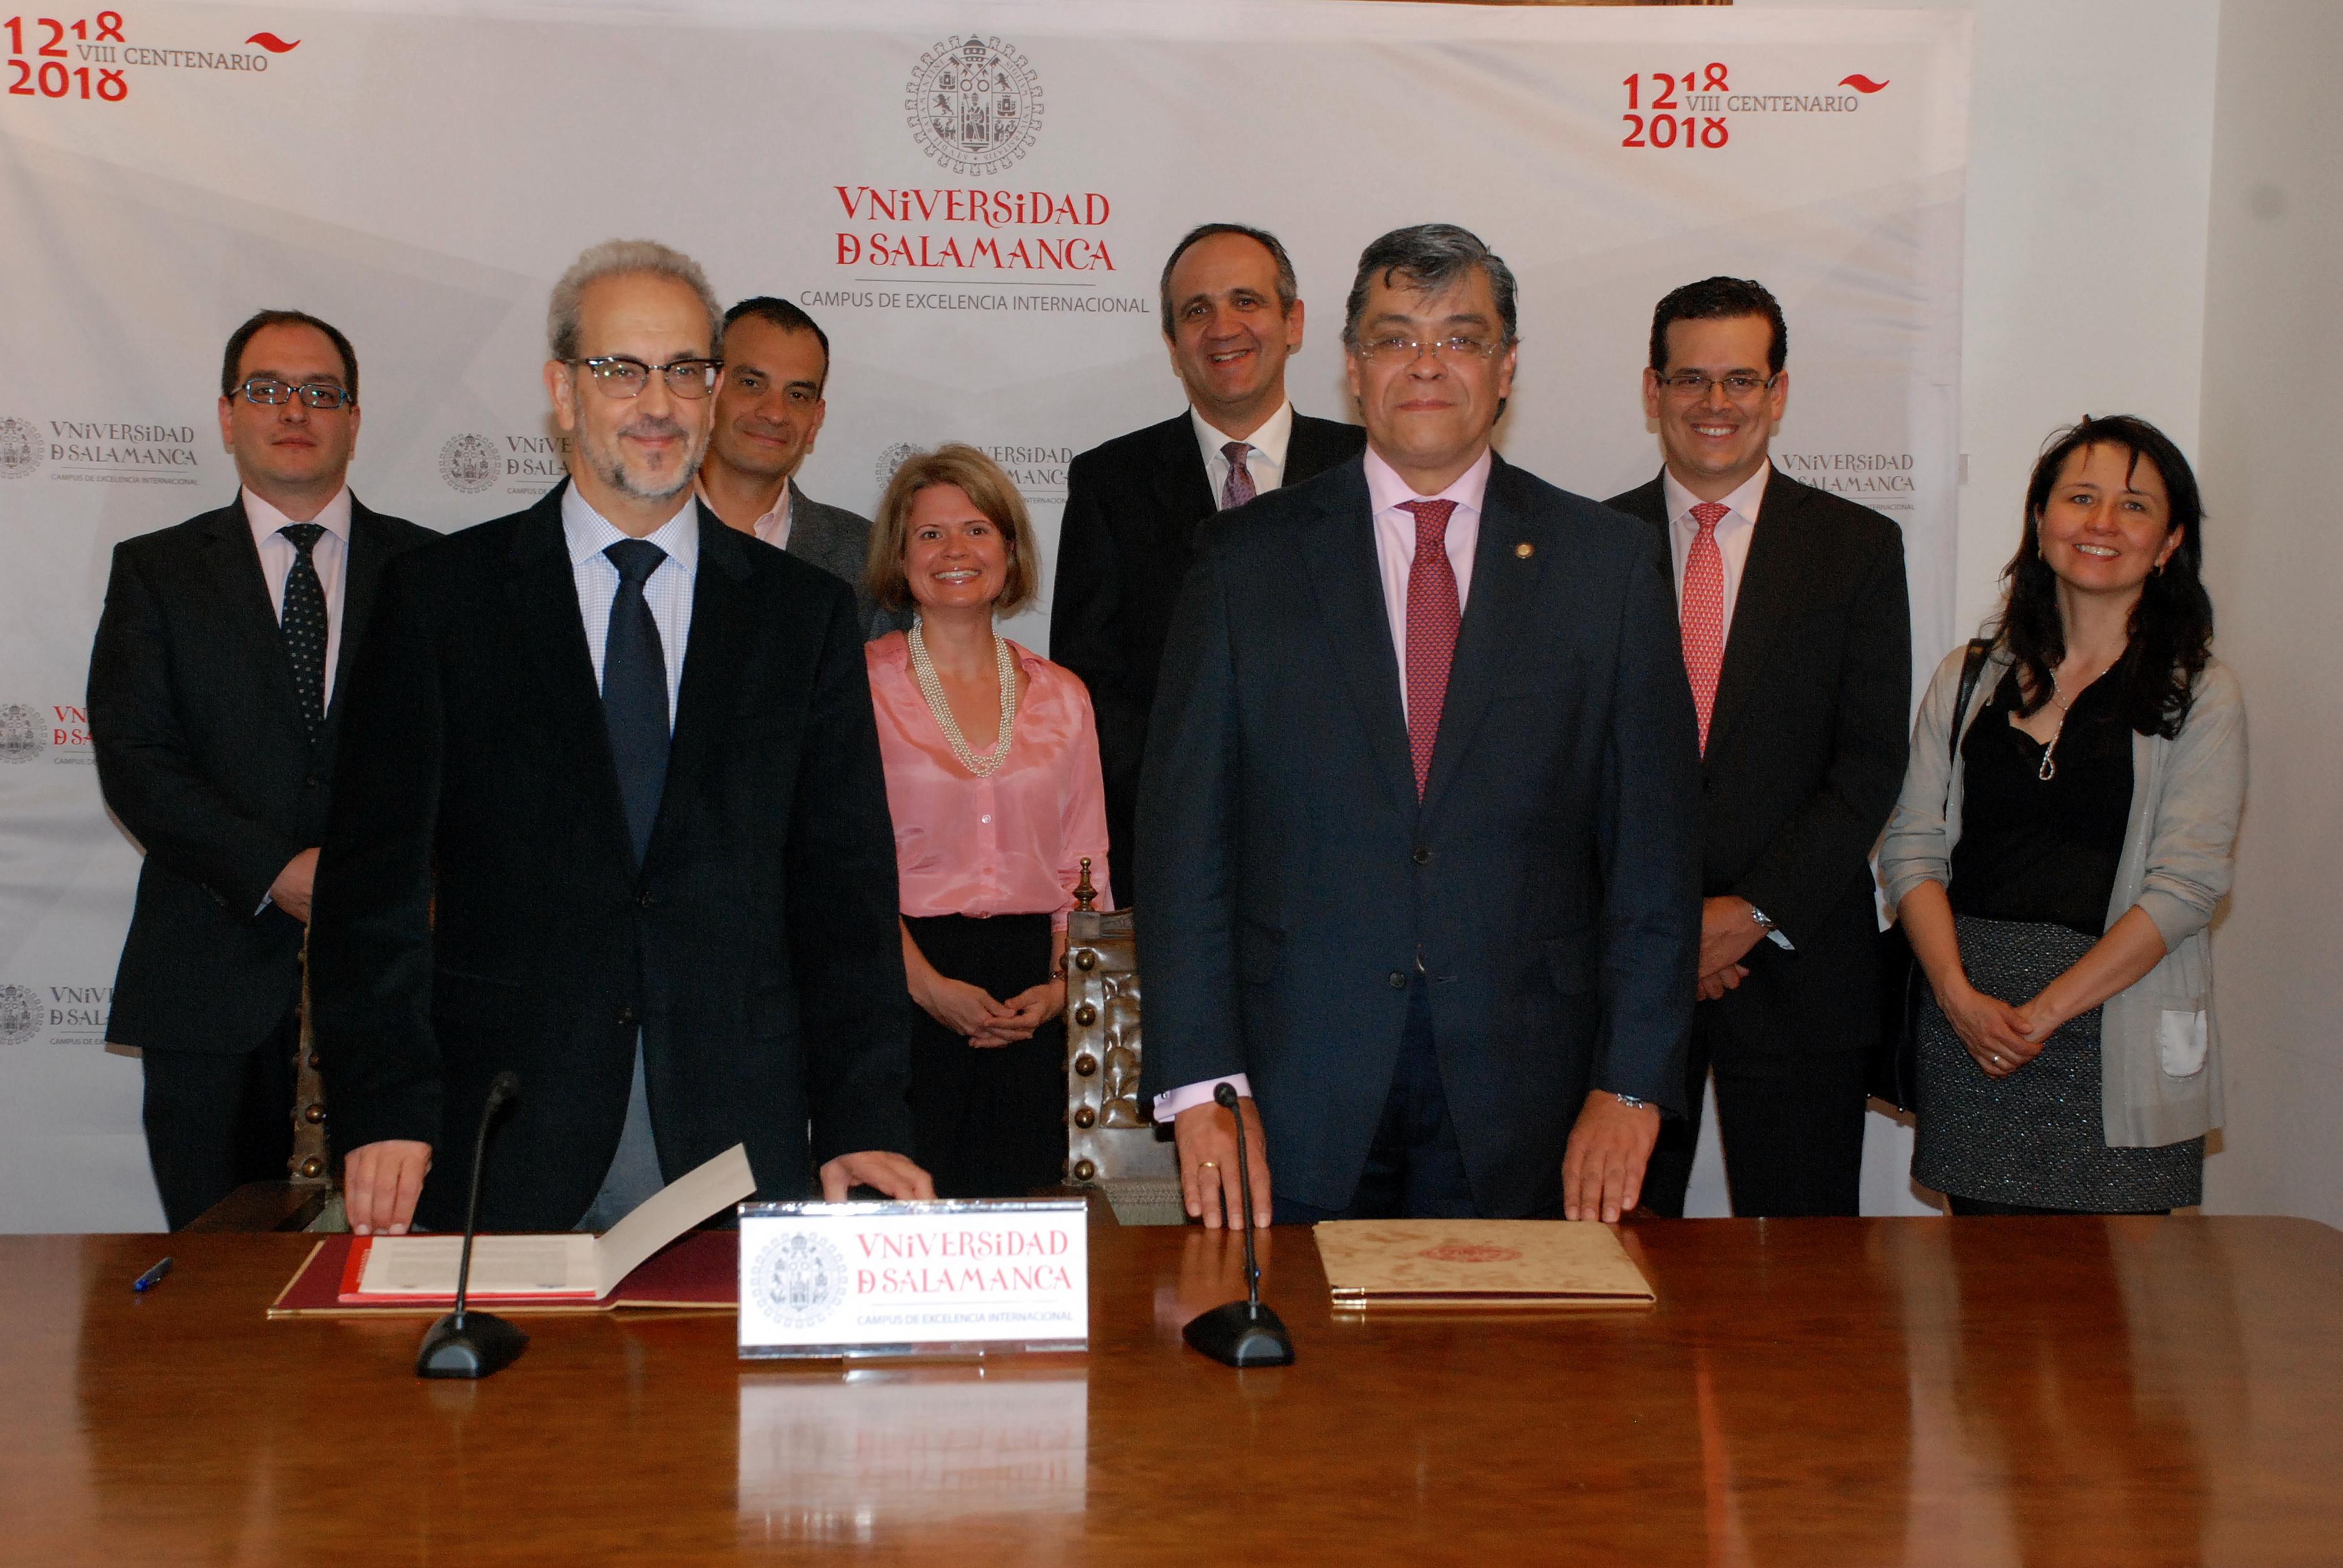 La Universidad de Salamanca y la Pontificia Universidad Javeriana de Bogotá suscriben un convenio de colaboración